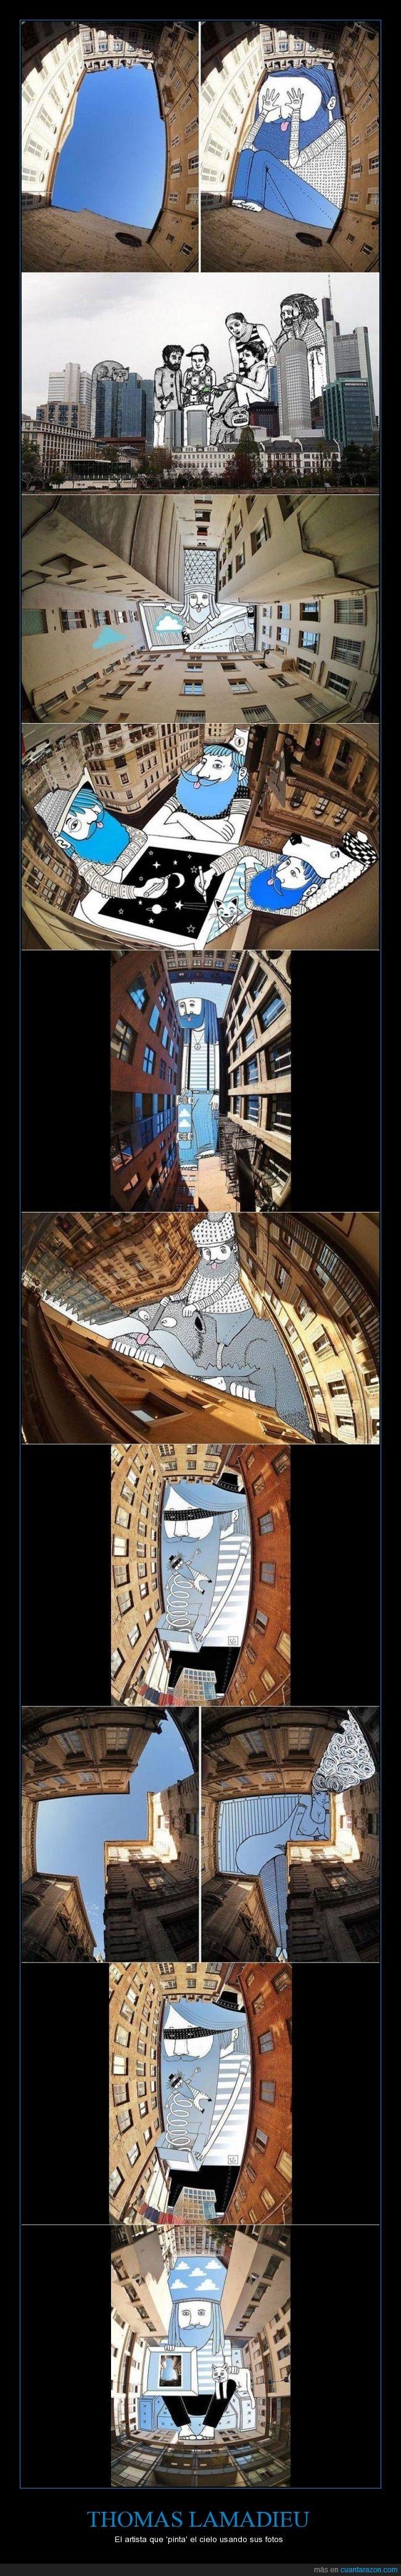 artista,dibujo,edificios,fotografía,fotografías-ilustraciones,lentes ojo de pez,rascacielos,Sky Art,Thomas Lamadieu